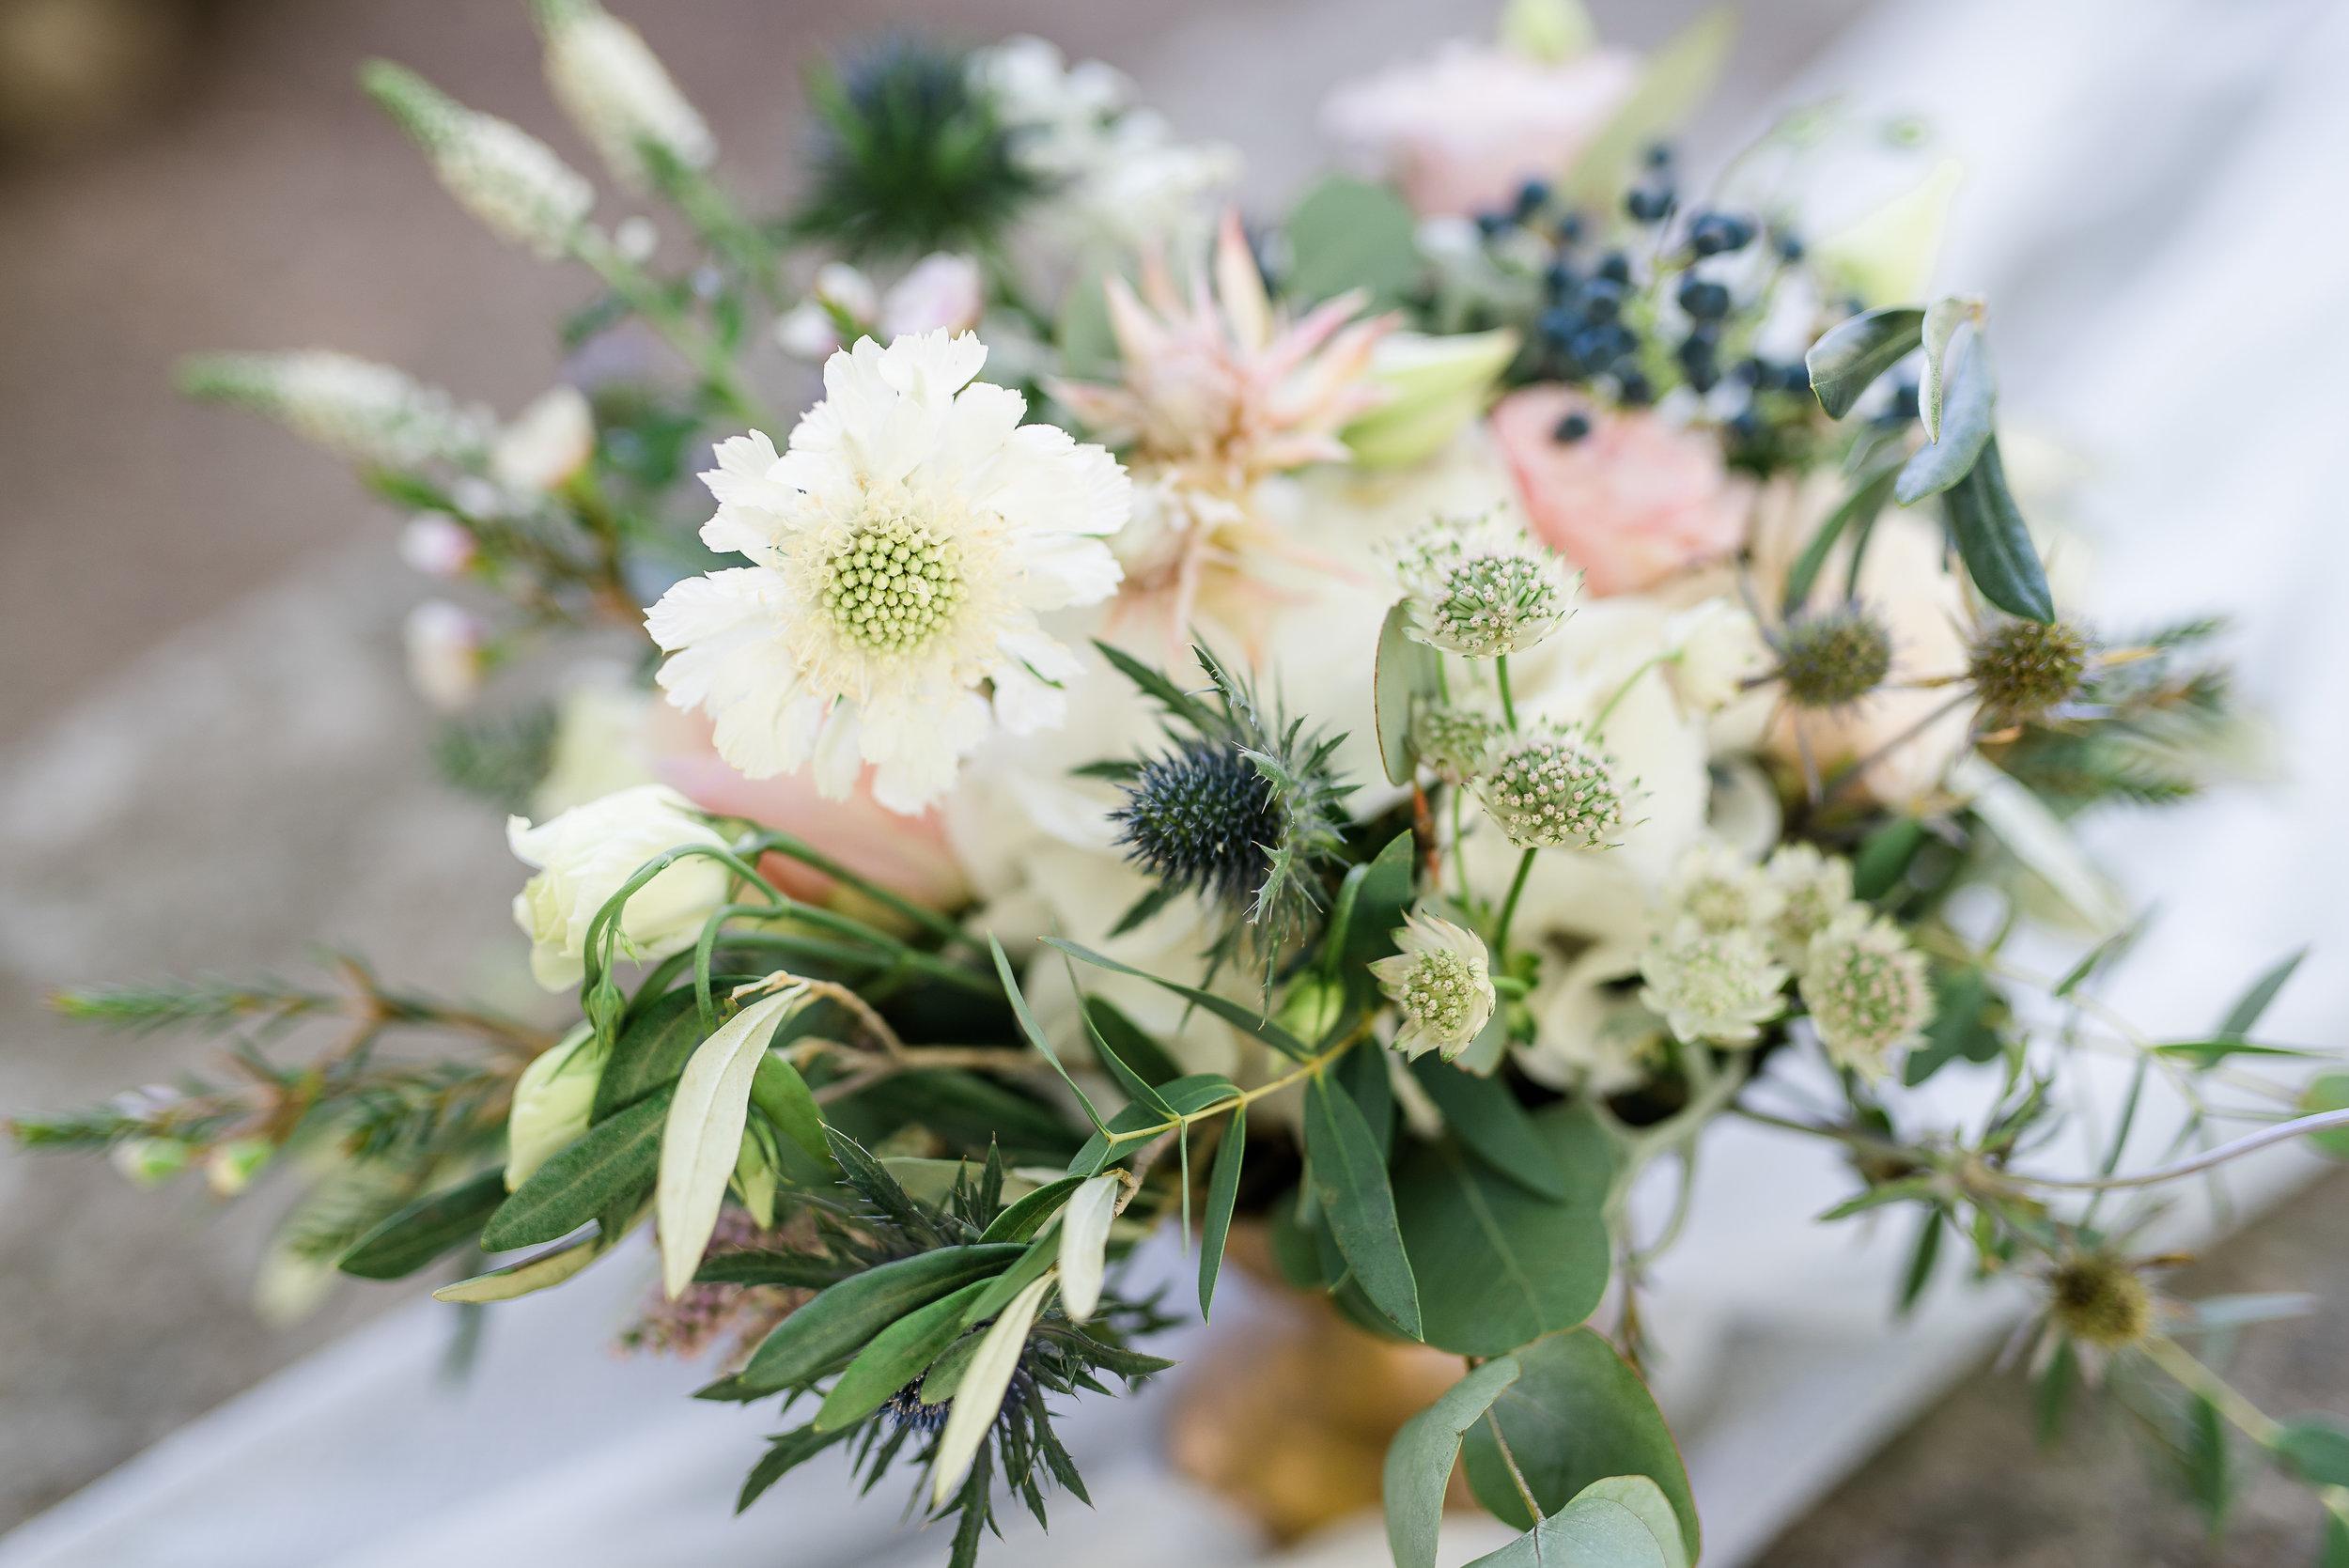 rosemarrylemon_Hochzeit_ES_Hochzeitsdeko4.jpg